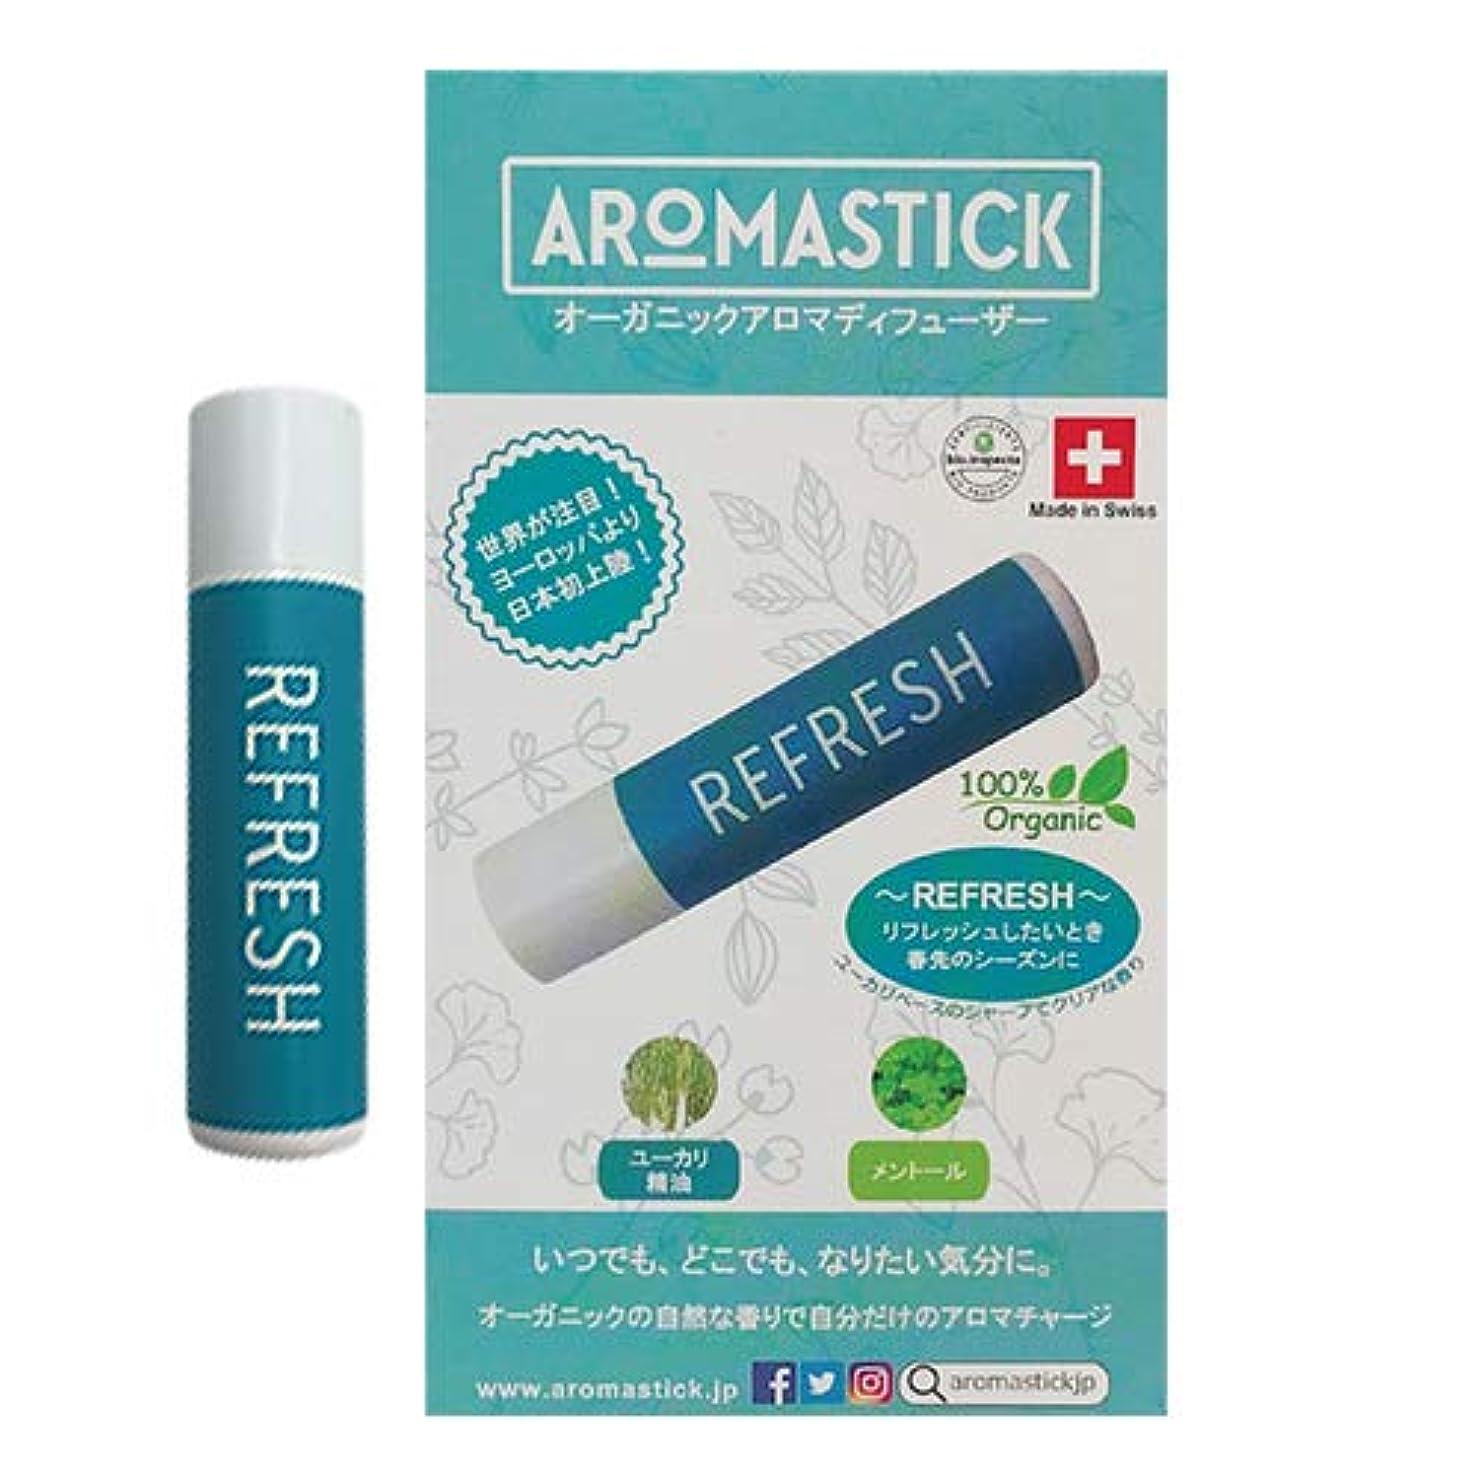 鉄年突然オーガニックアロマディフューザー アロマスティック(aromastick) リフレッシュ [REFRESH]